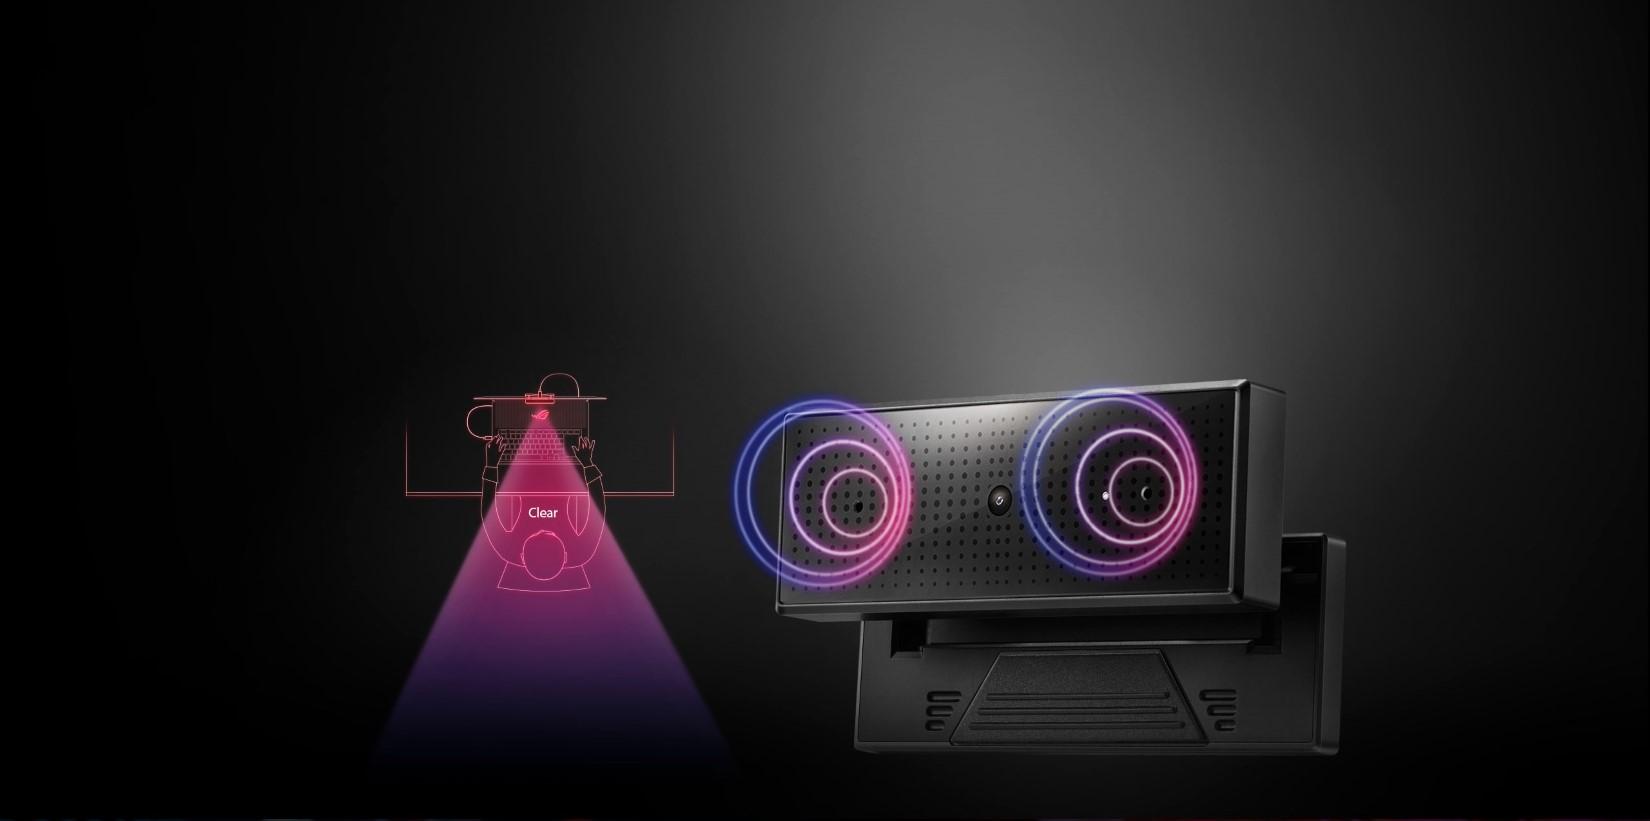 Webcam Asus ROG Eye trang bị microphone kép cho tiếng trong và cho chất lượng ghi âm cao cấp